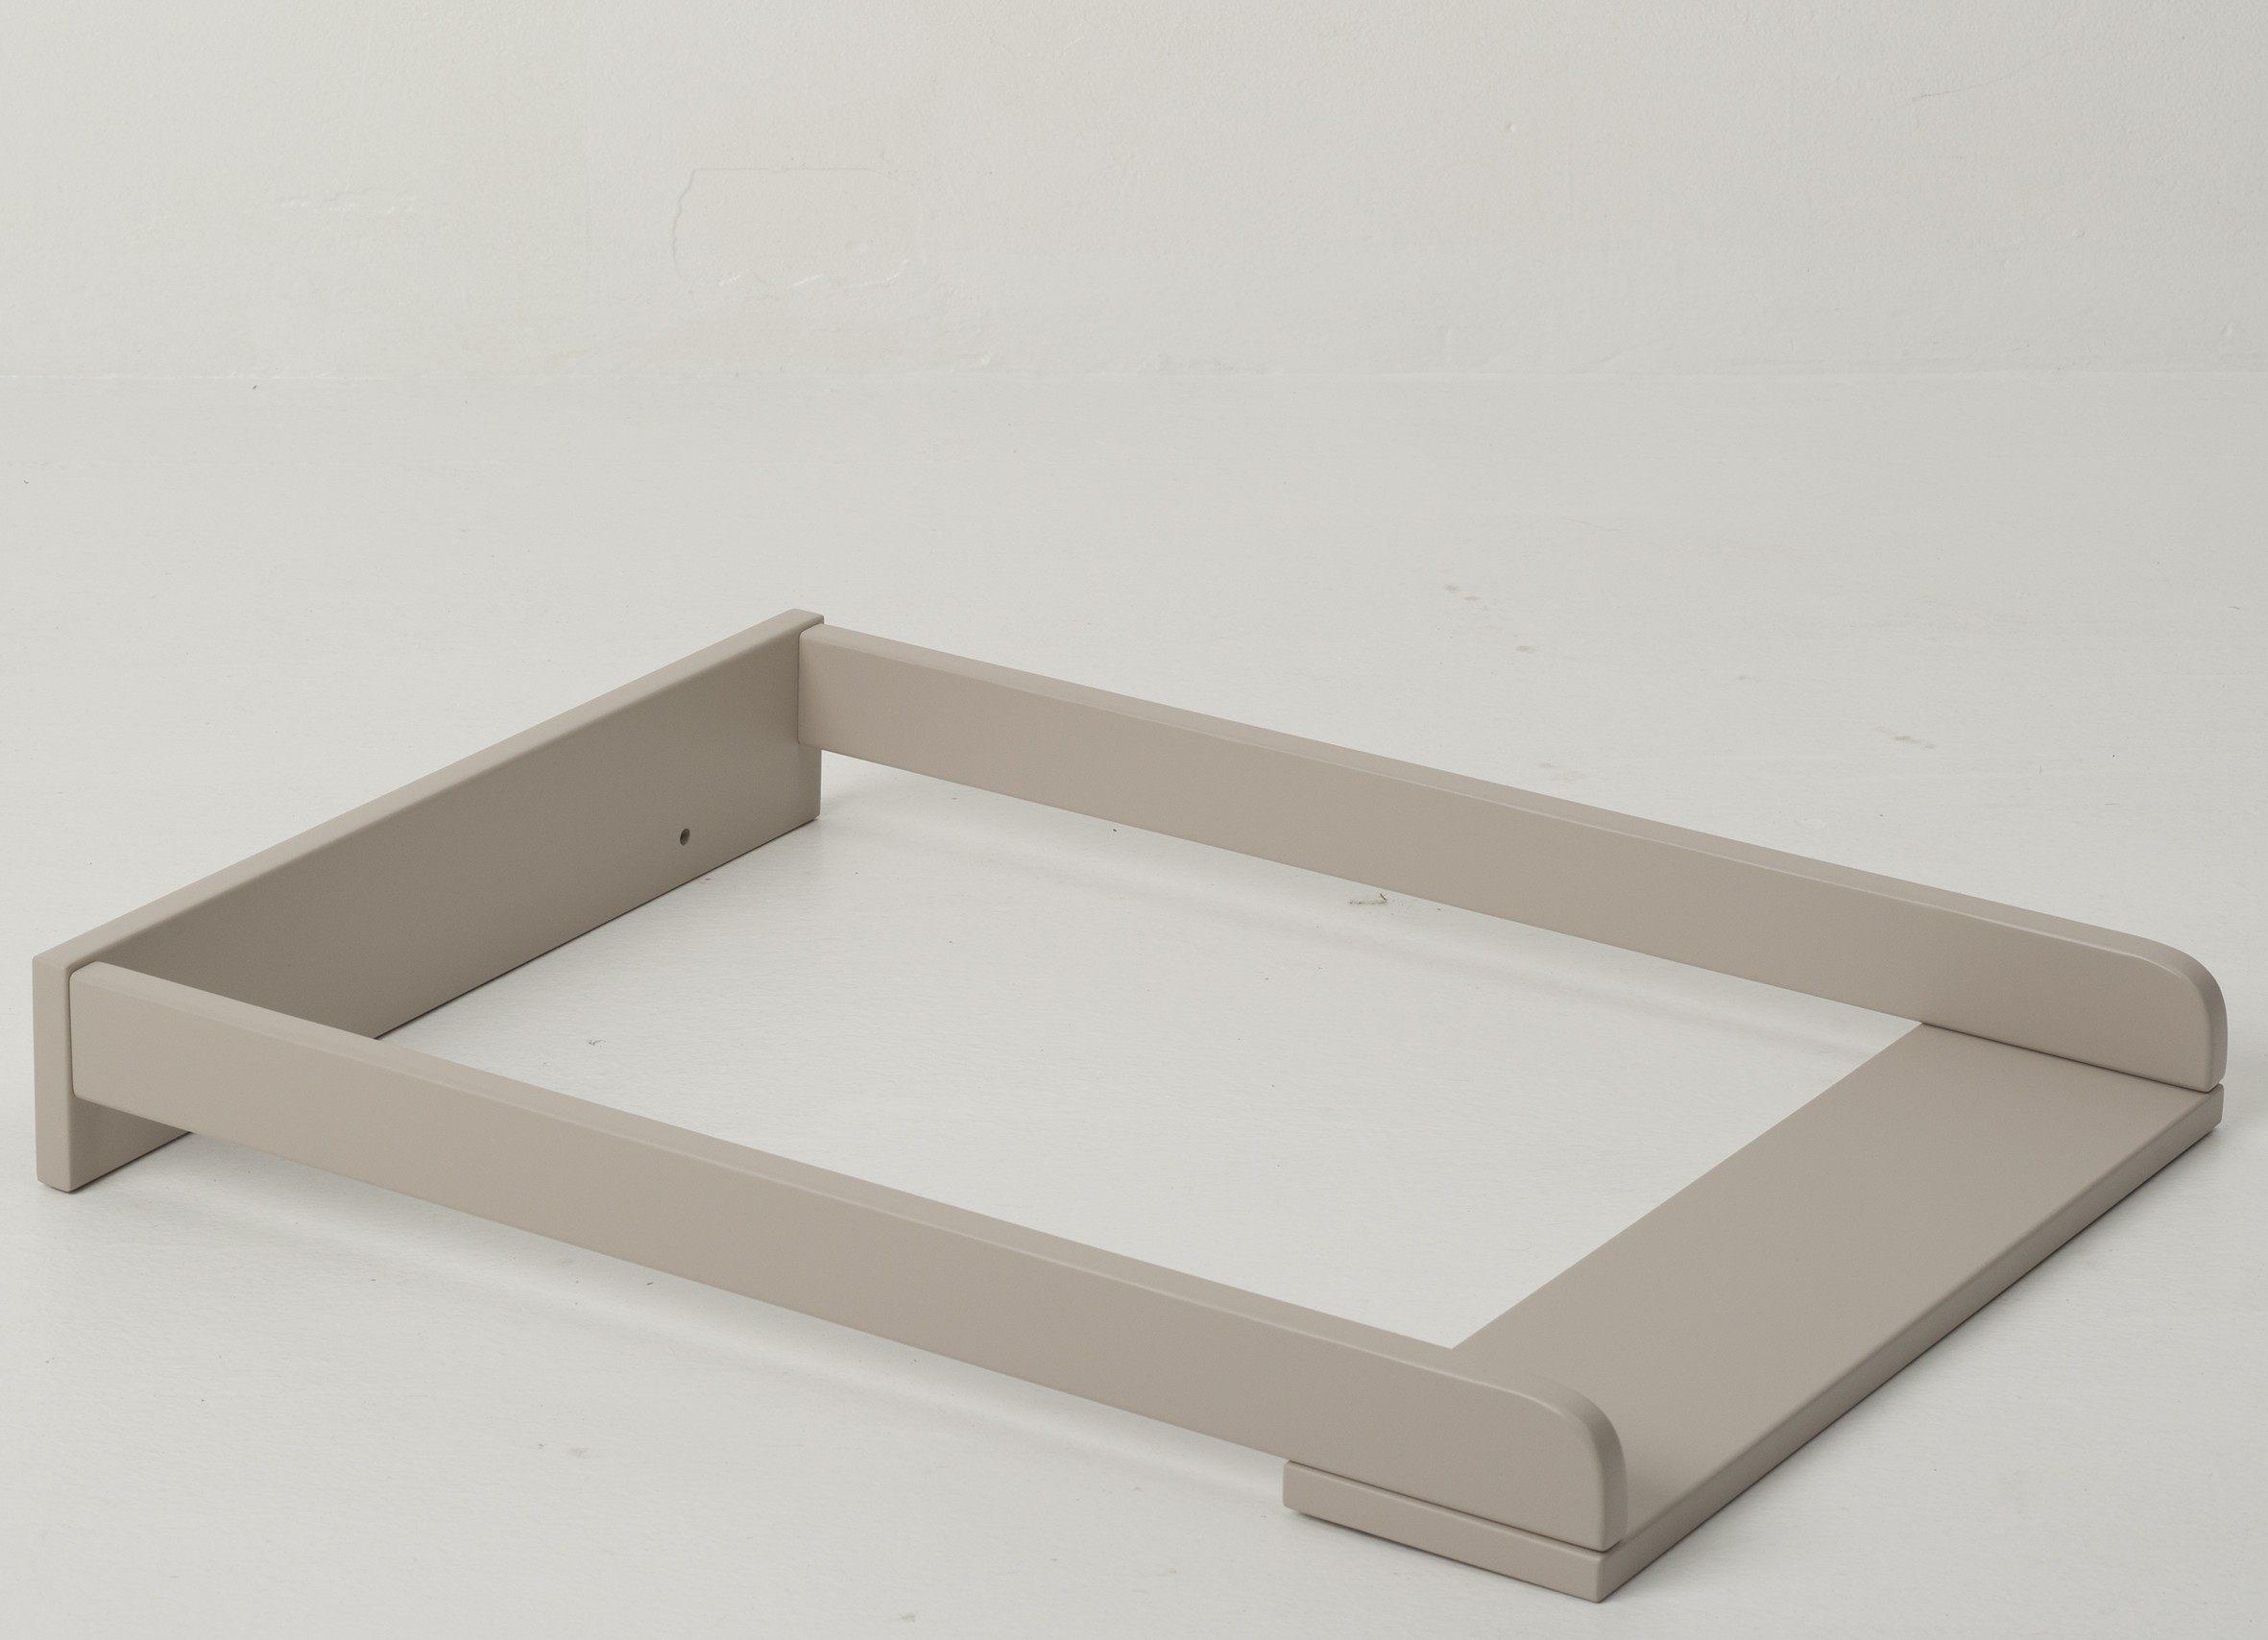 Lit Bebe Avec Table A Langer Bel Table  Langer Baignoire Luxury Table A Langer Ikea Pliable Simple